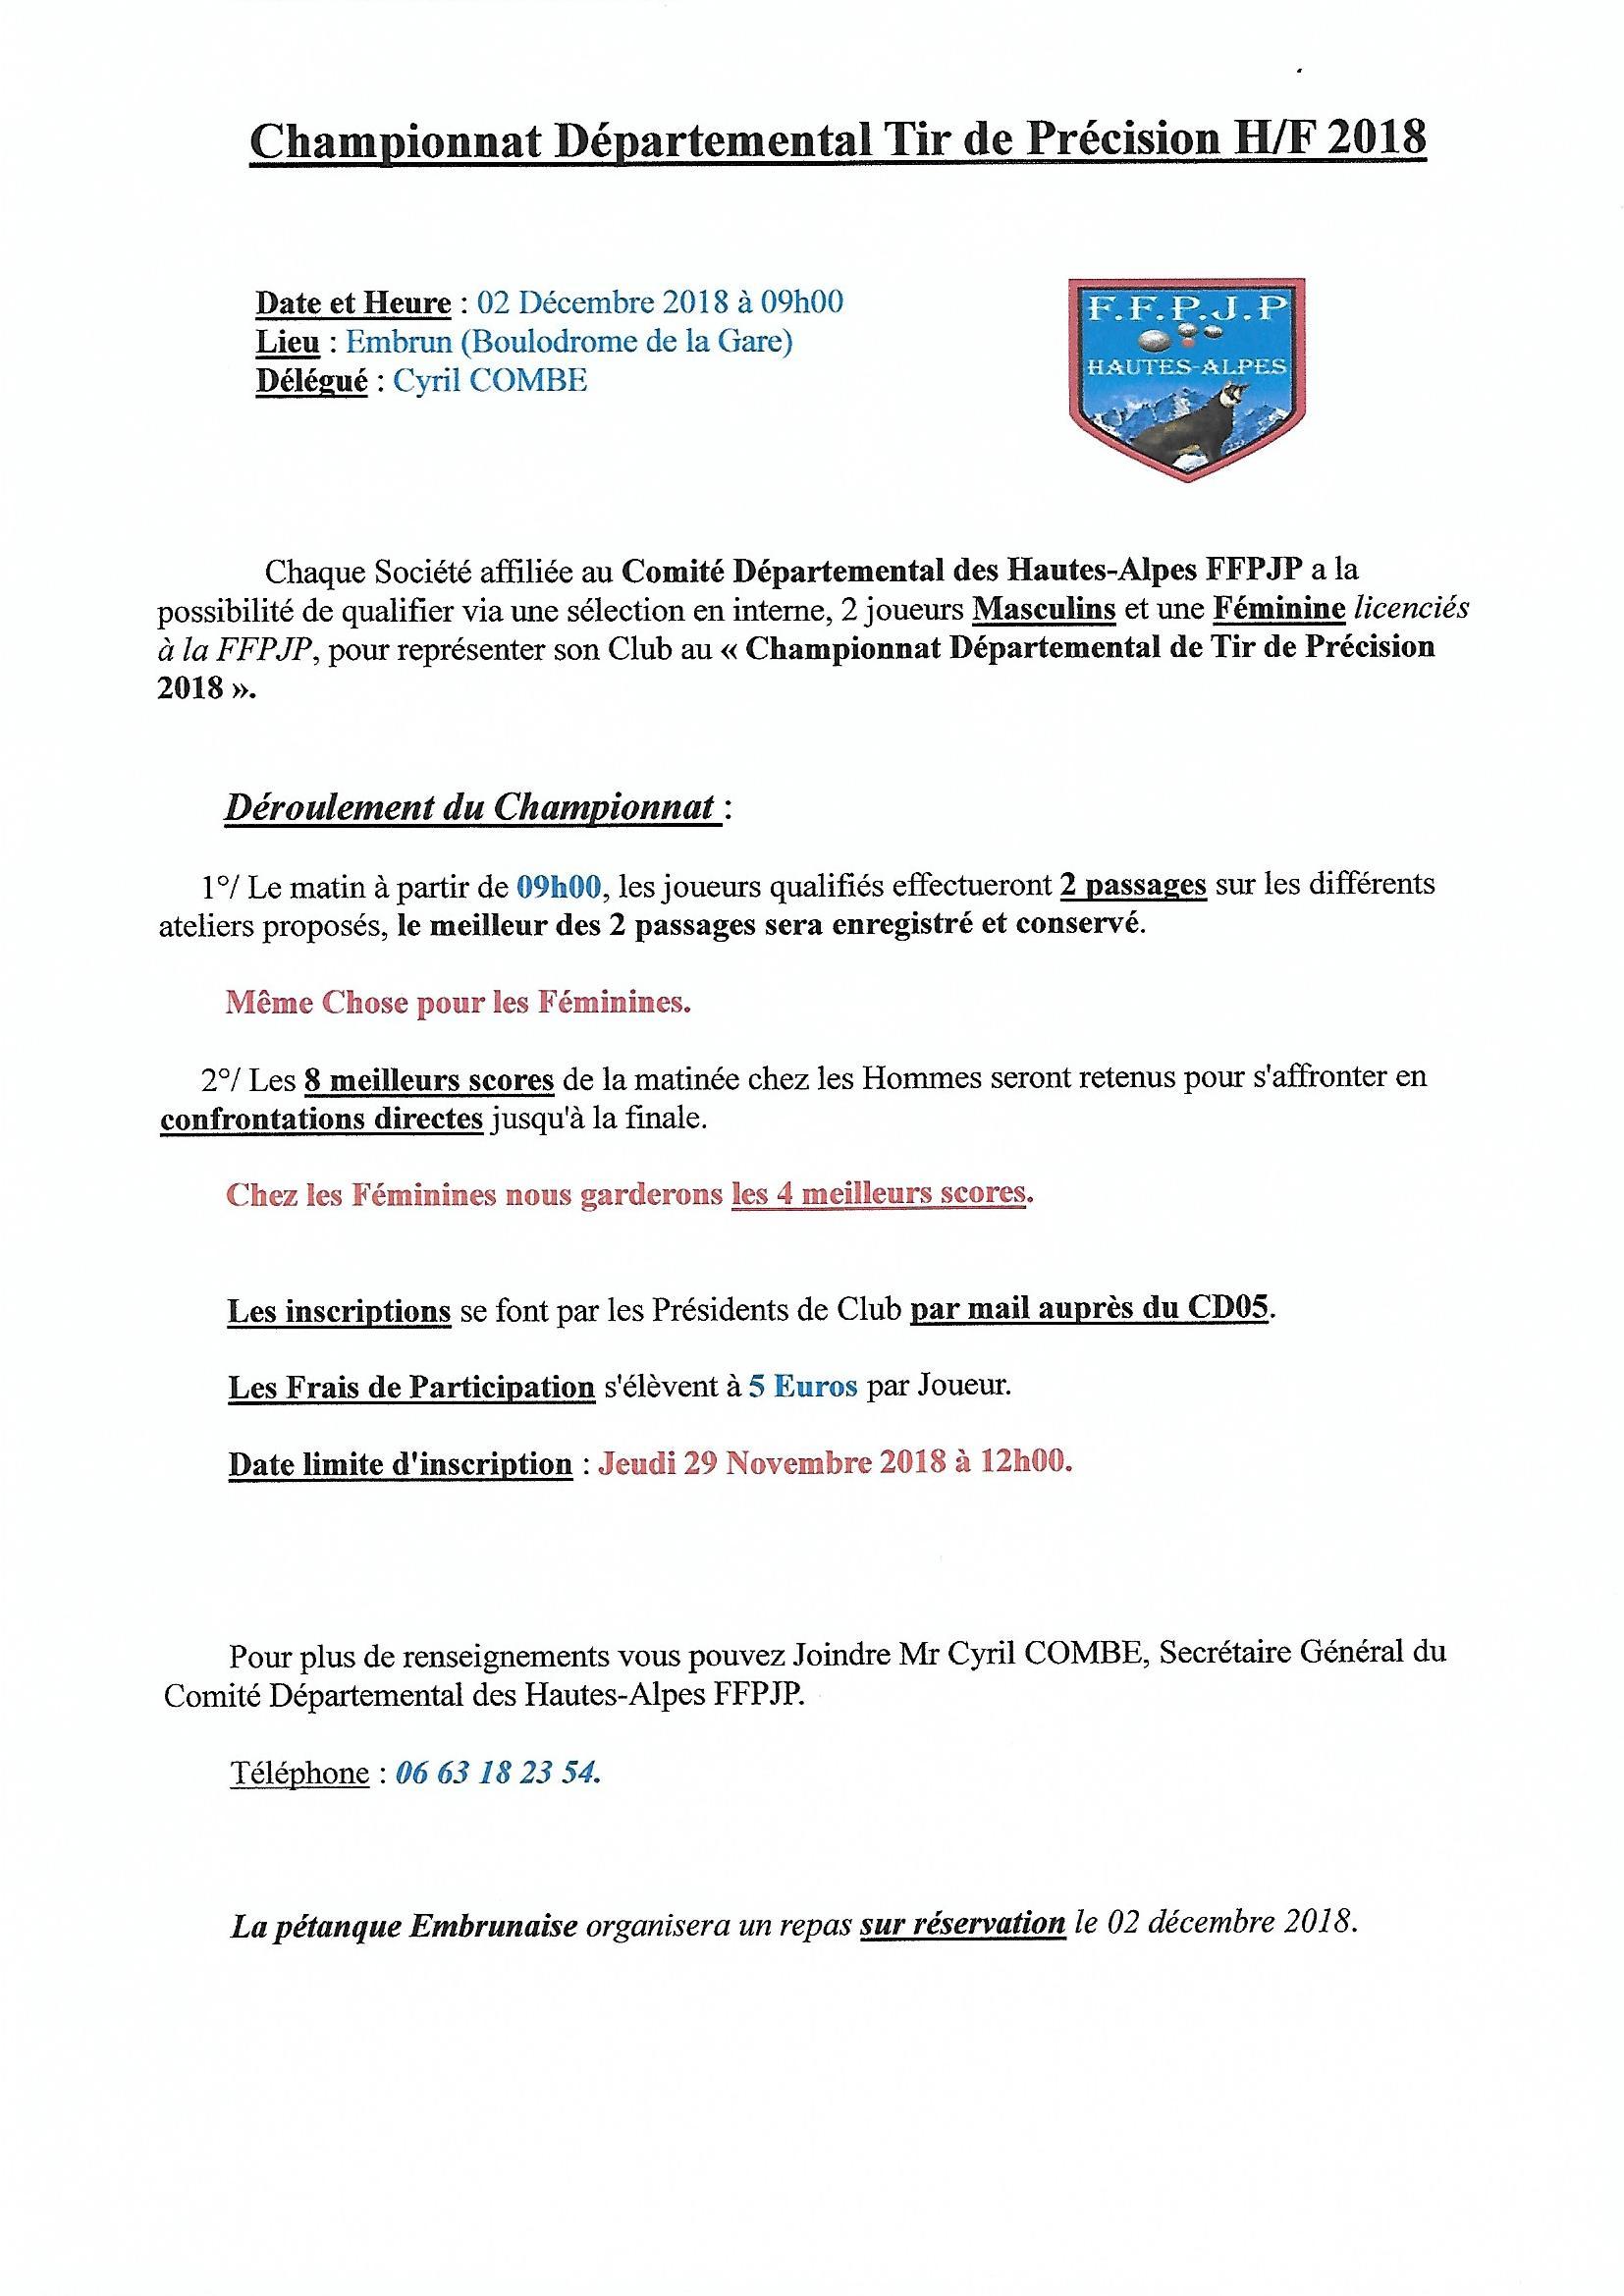 Championnat départemental Tir de Précision 2018 H/F